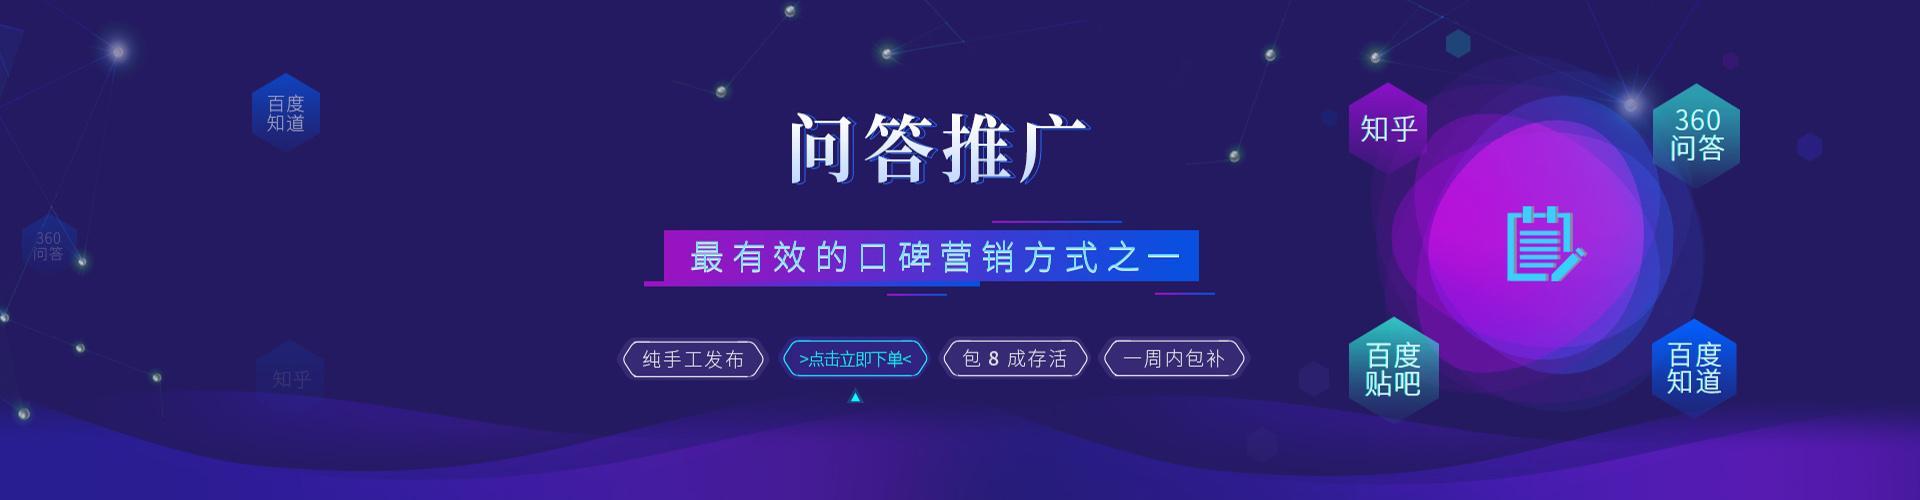 深圳品牌营销